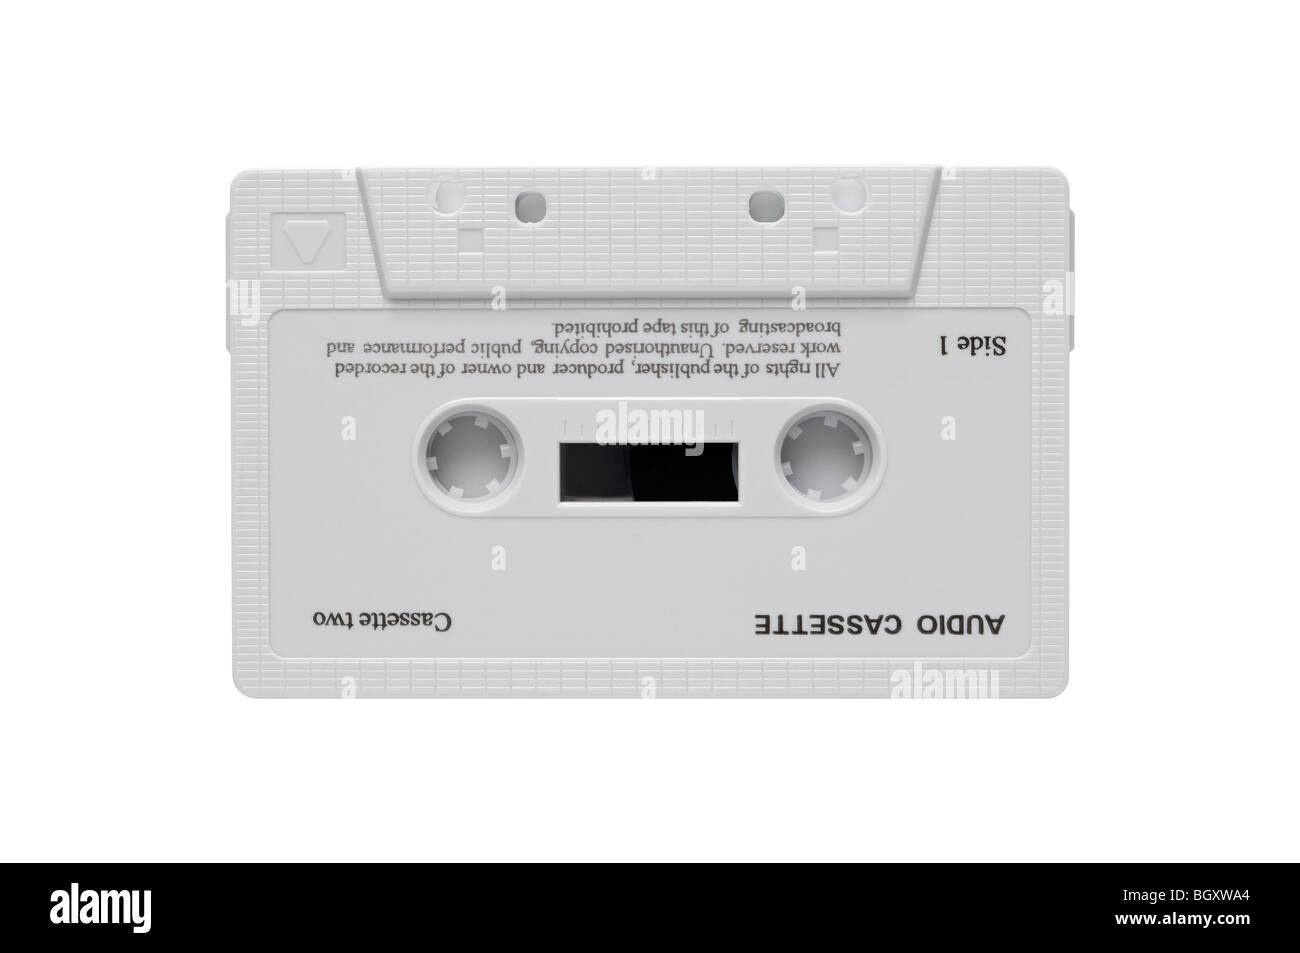 La cassette n'Cut Out Photo Stock